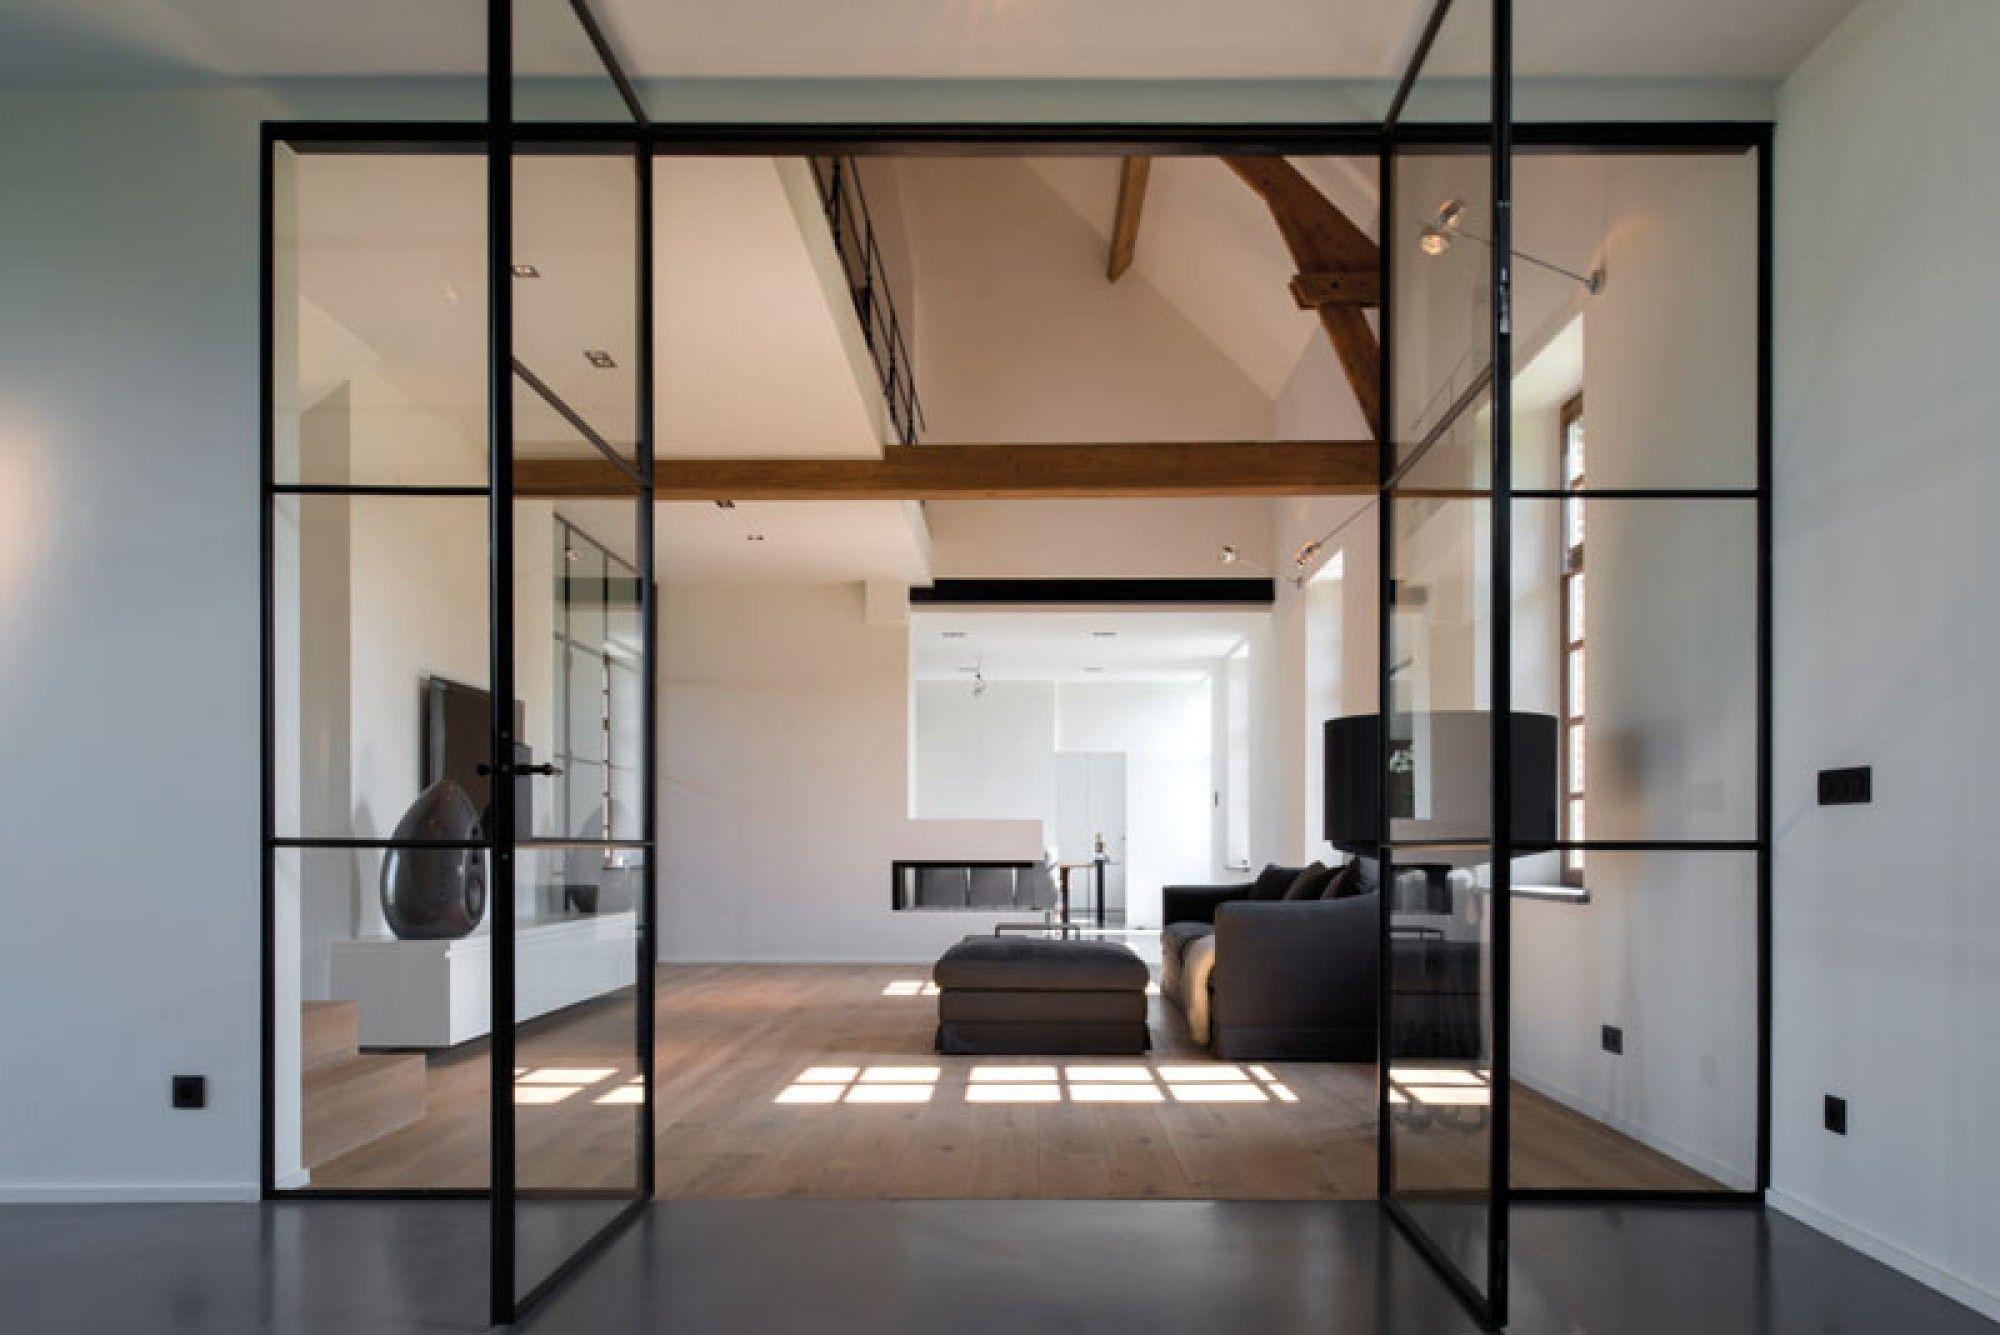 Home Sweet Home  interieur met Taatsdeuren houten vloer